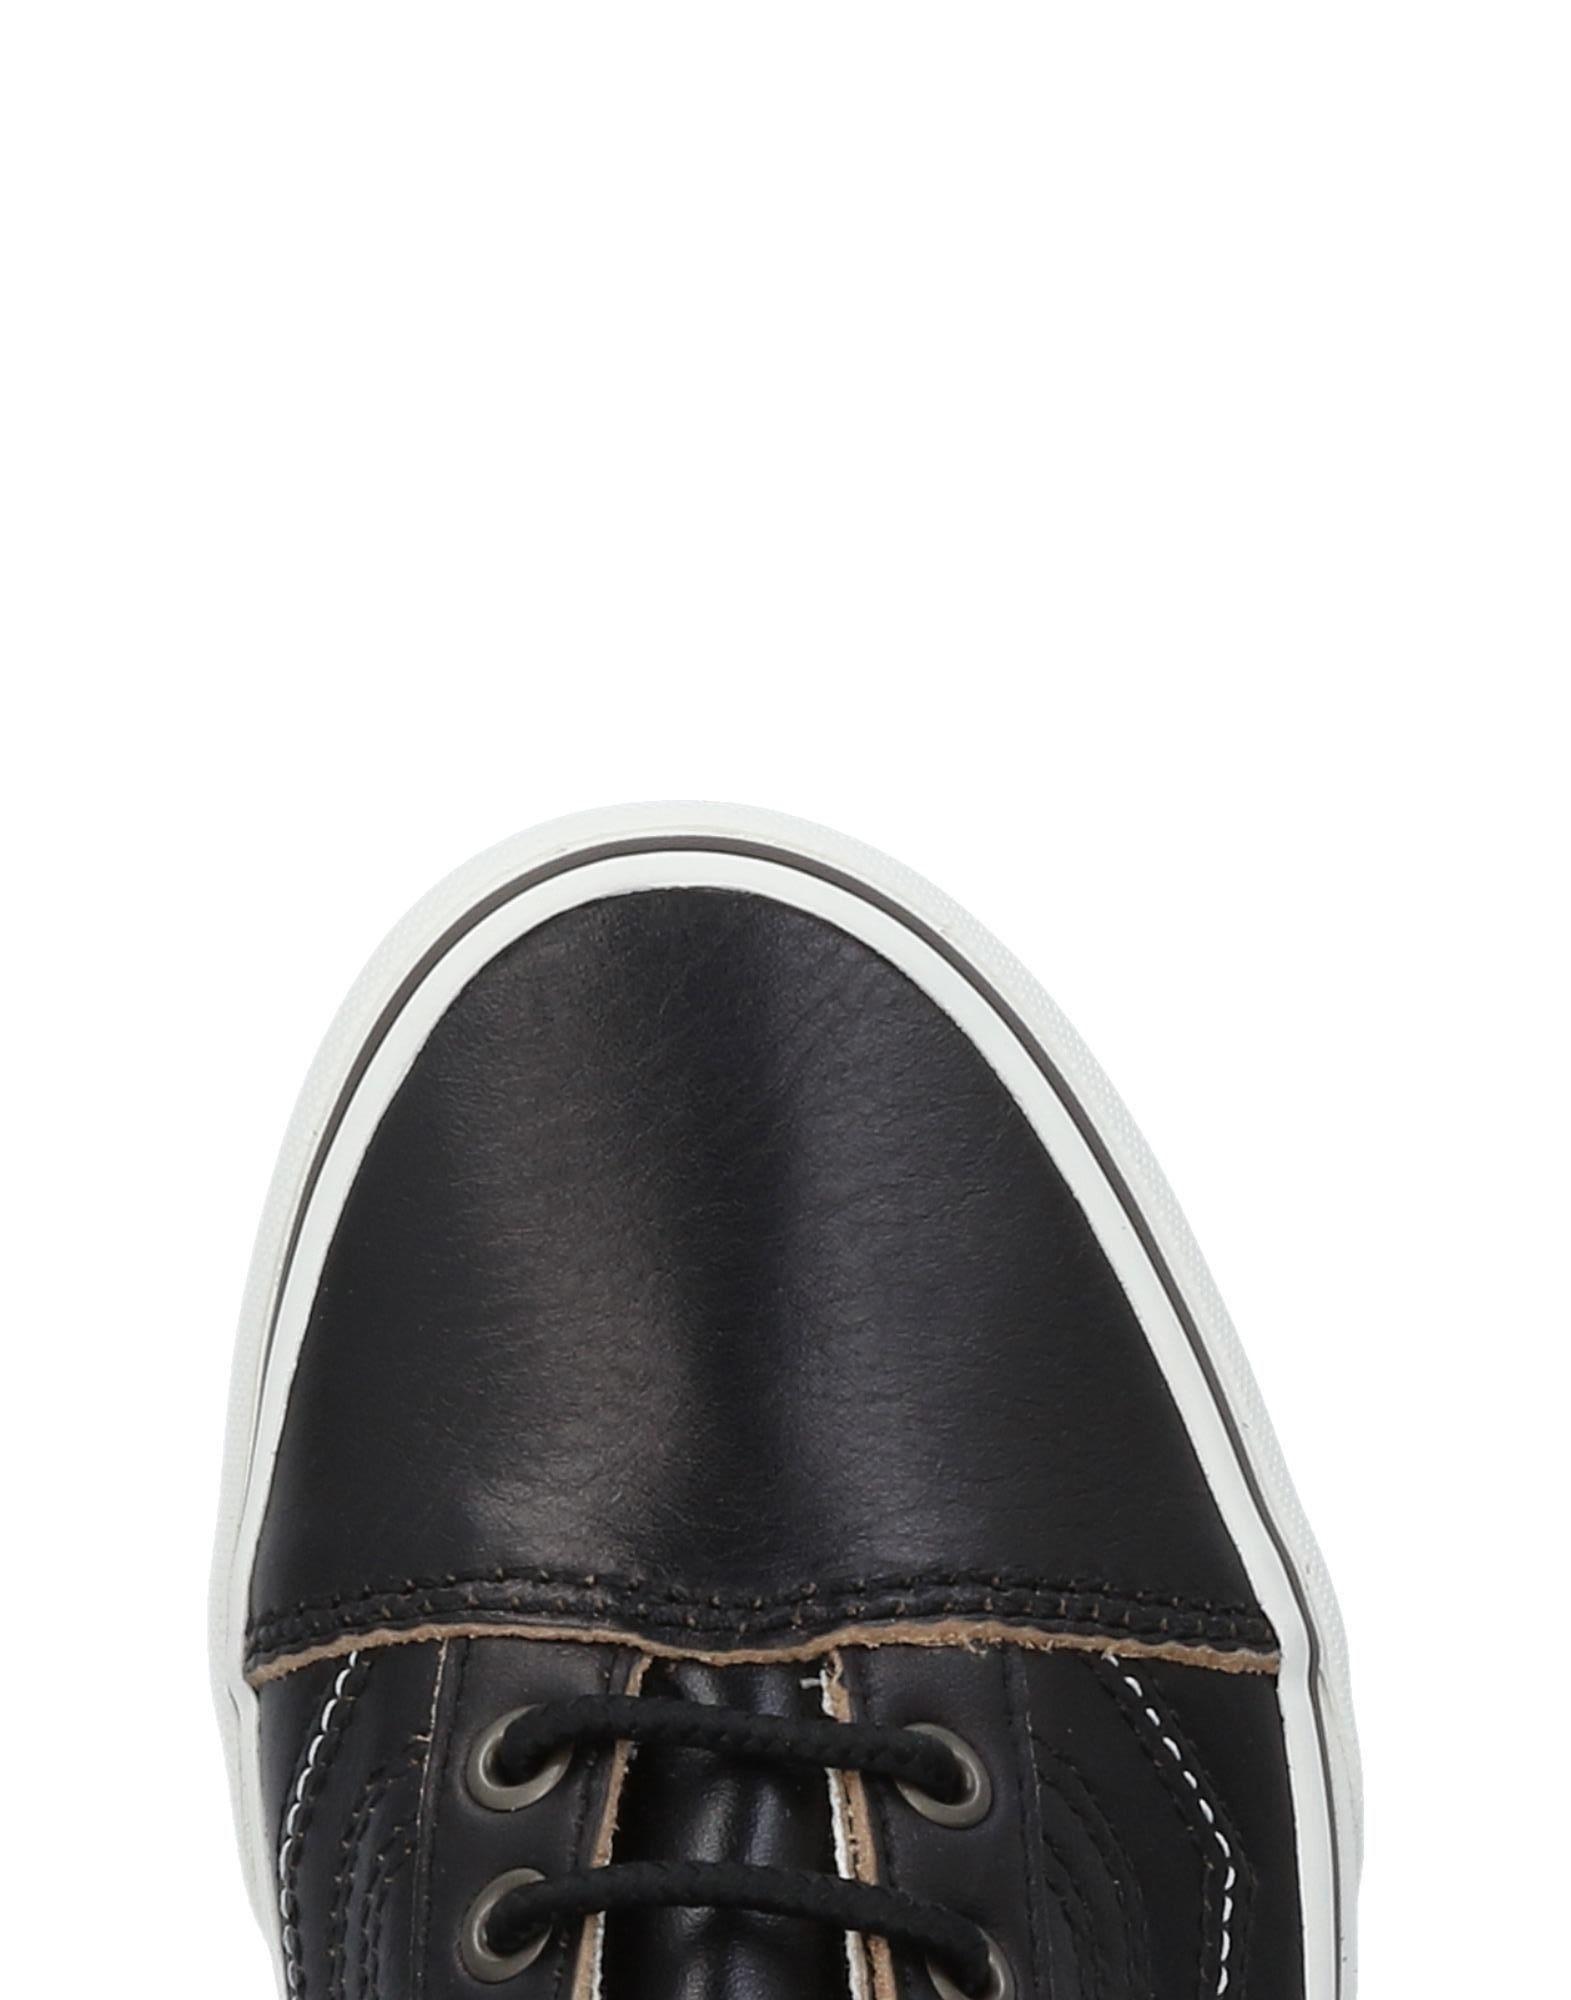 Billig-1948,Vans Sneakers Damen es Gutes Preis-Leistungs-Verhältnis, es Damen lohnt sich c79f03